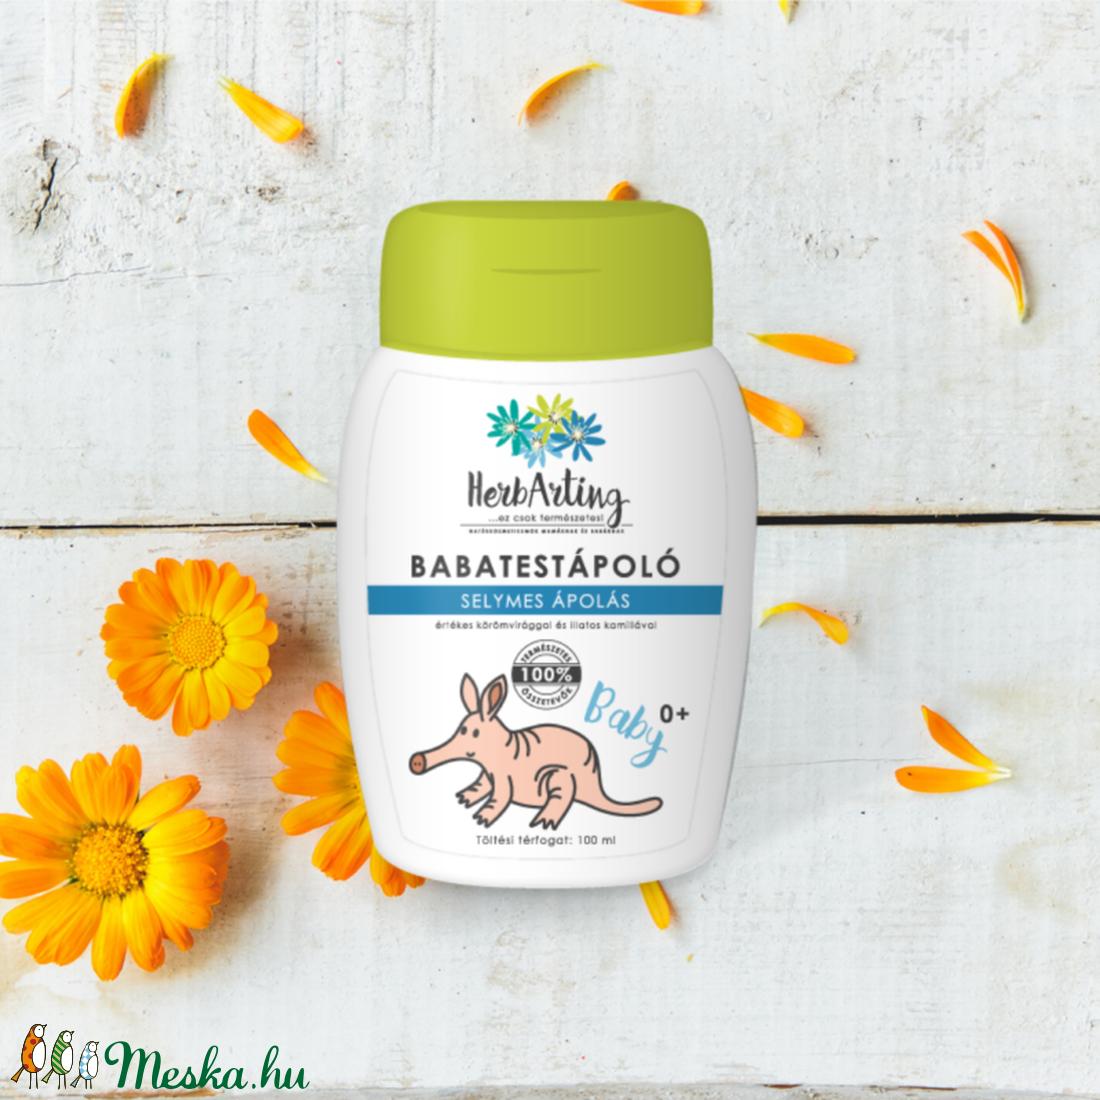 HerbArting körömvirágos baba testápoló 100 ML - Meska.hu